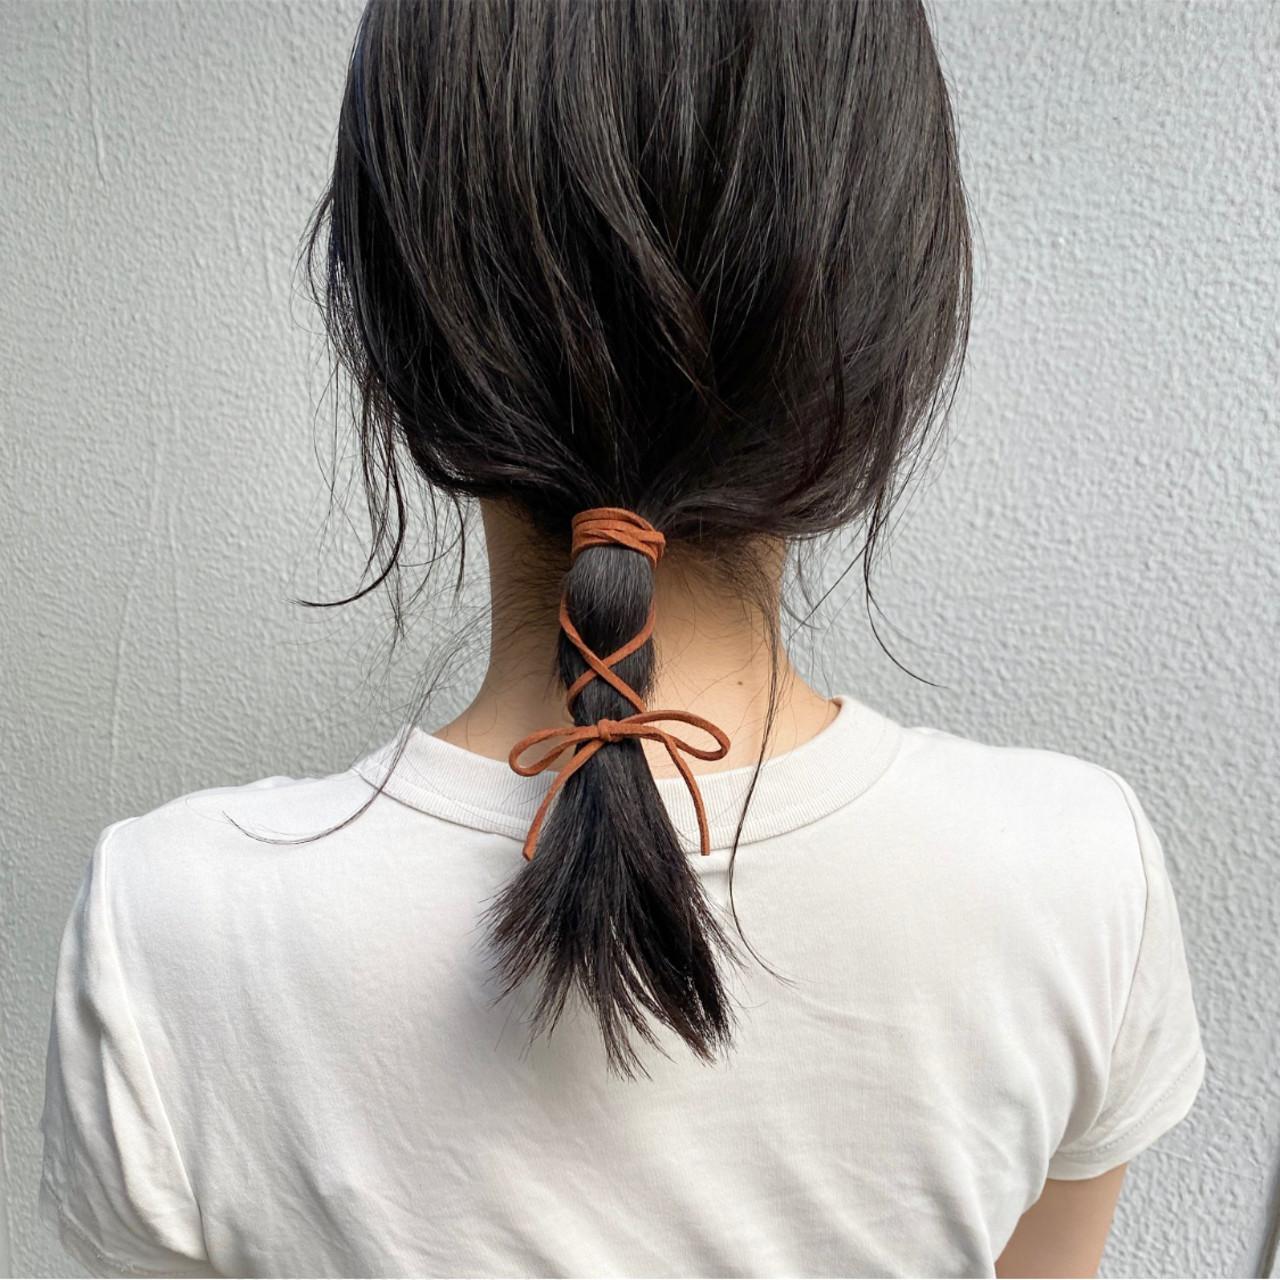 ナチュラル ヘアアレンジ ルーズヘア 紐アレンジ ヘアスタイルや髪型の写真・画像